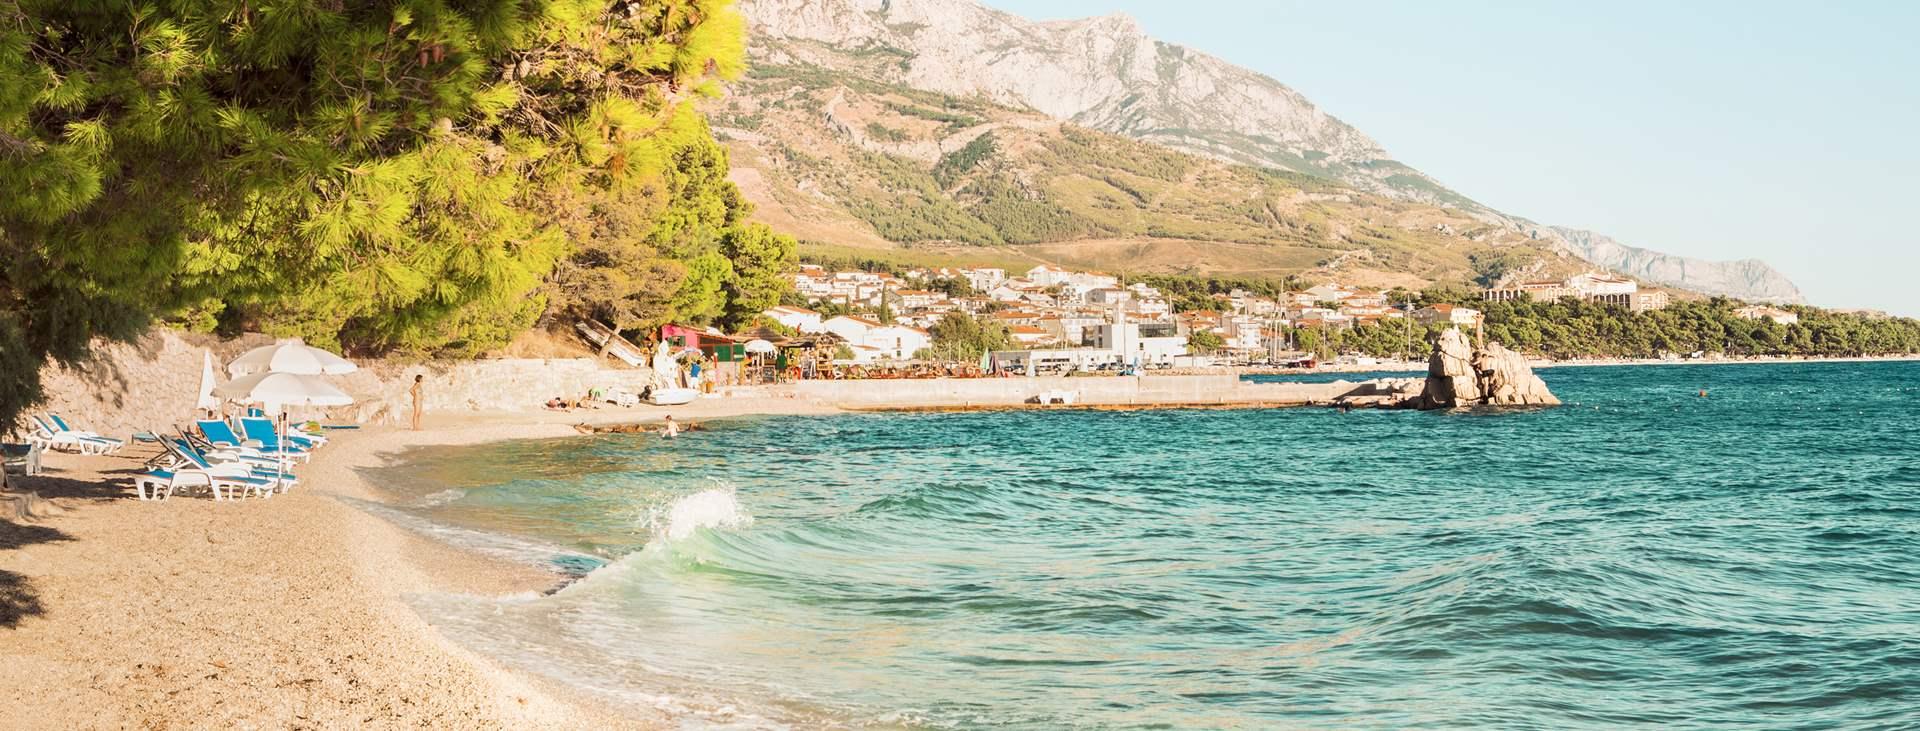 Boka din resa till Brela på Makarska Rivieran med Ving